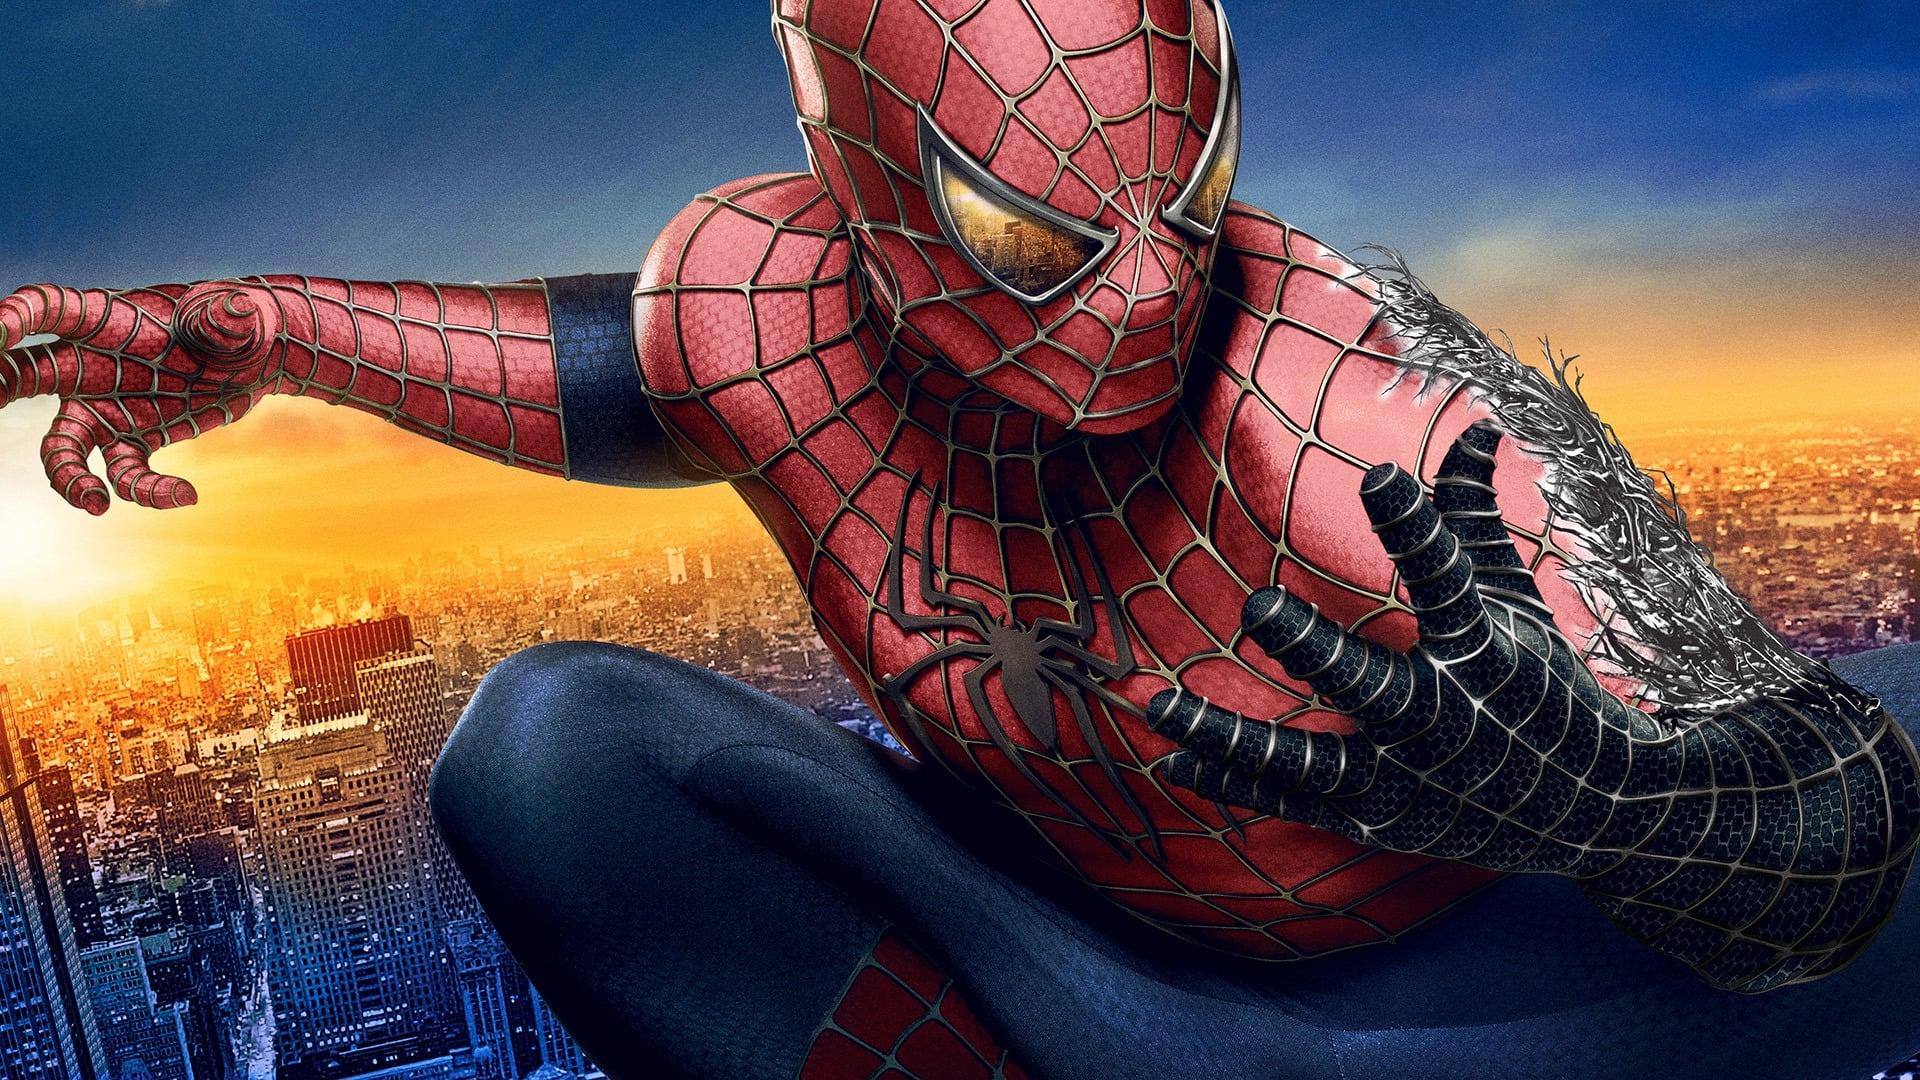 spiderman 3 En una de las escenas climáticas de spider-man: homecoming, el héroe está encima, no dentro, encima de un avión sólo él puede evitar que se estrelle contra el.